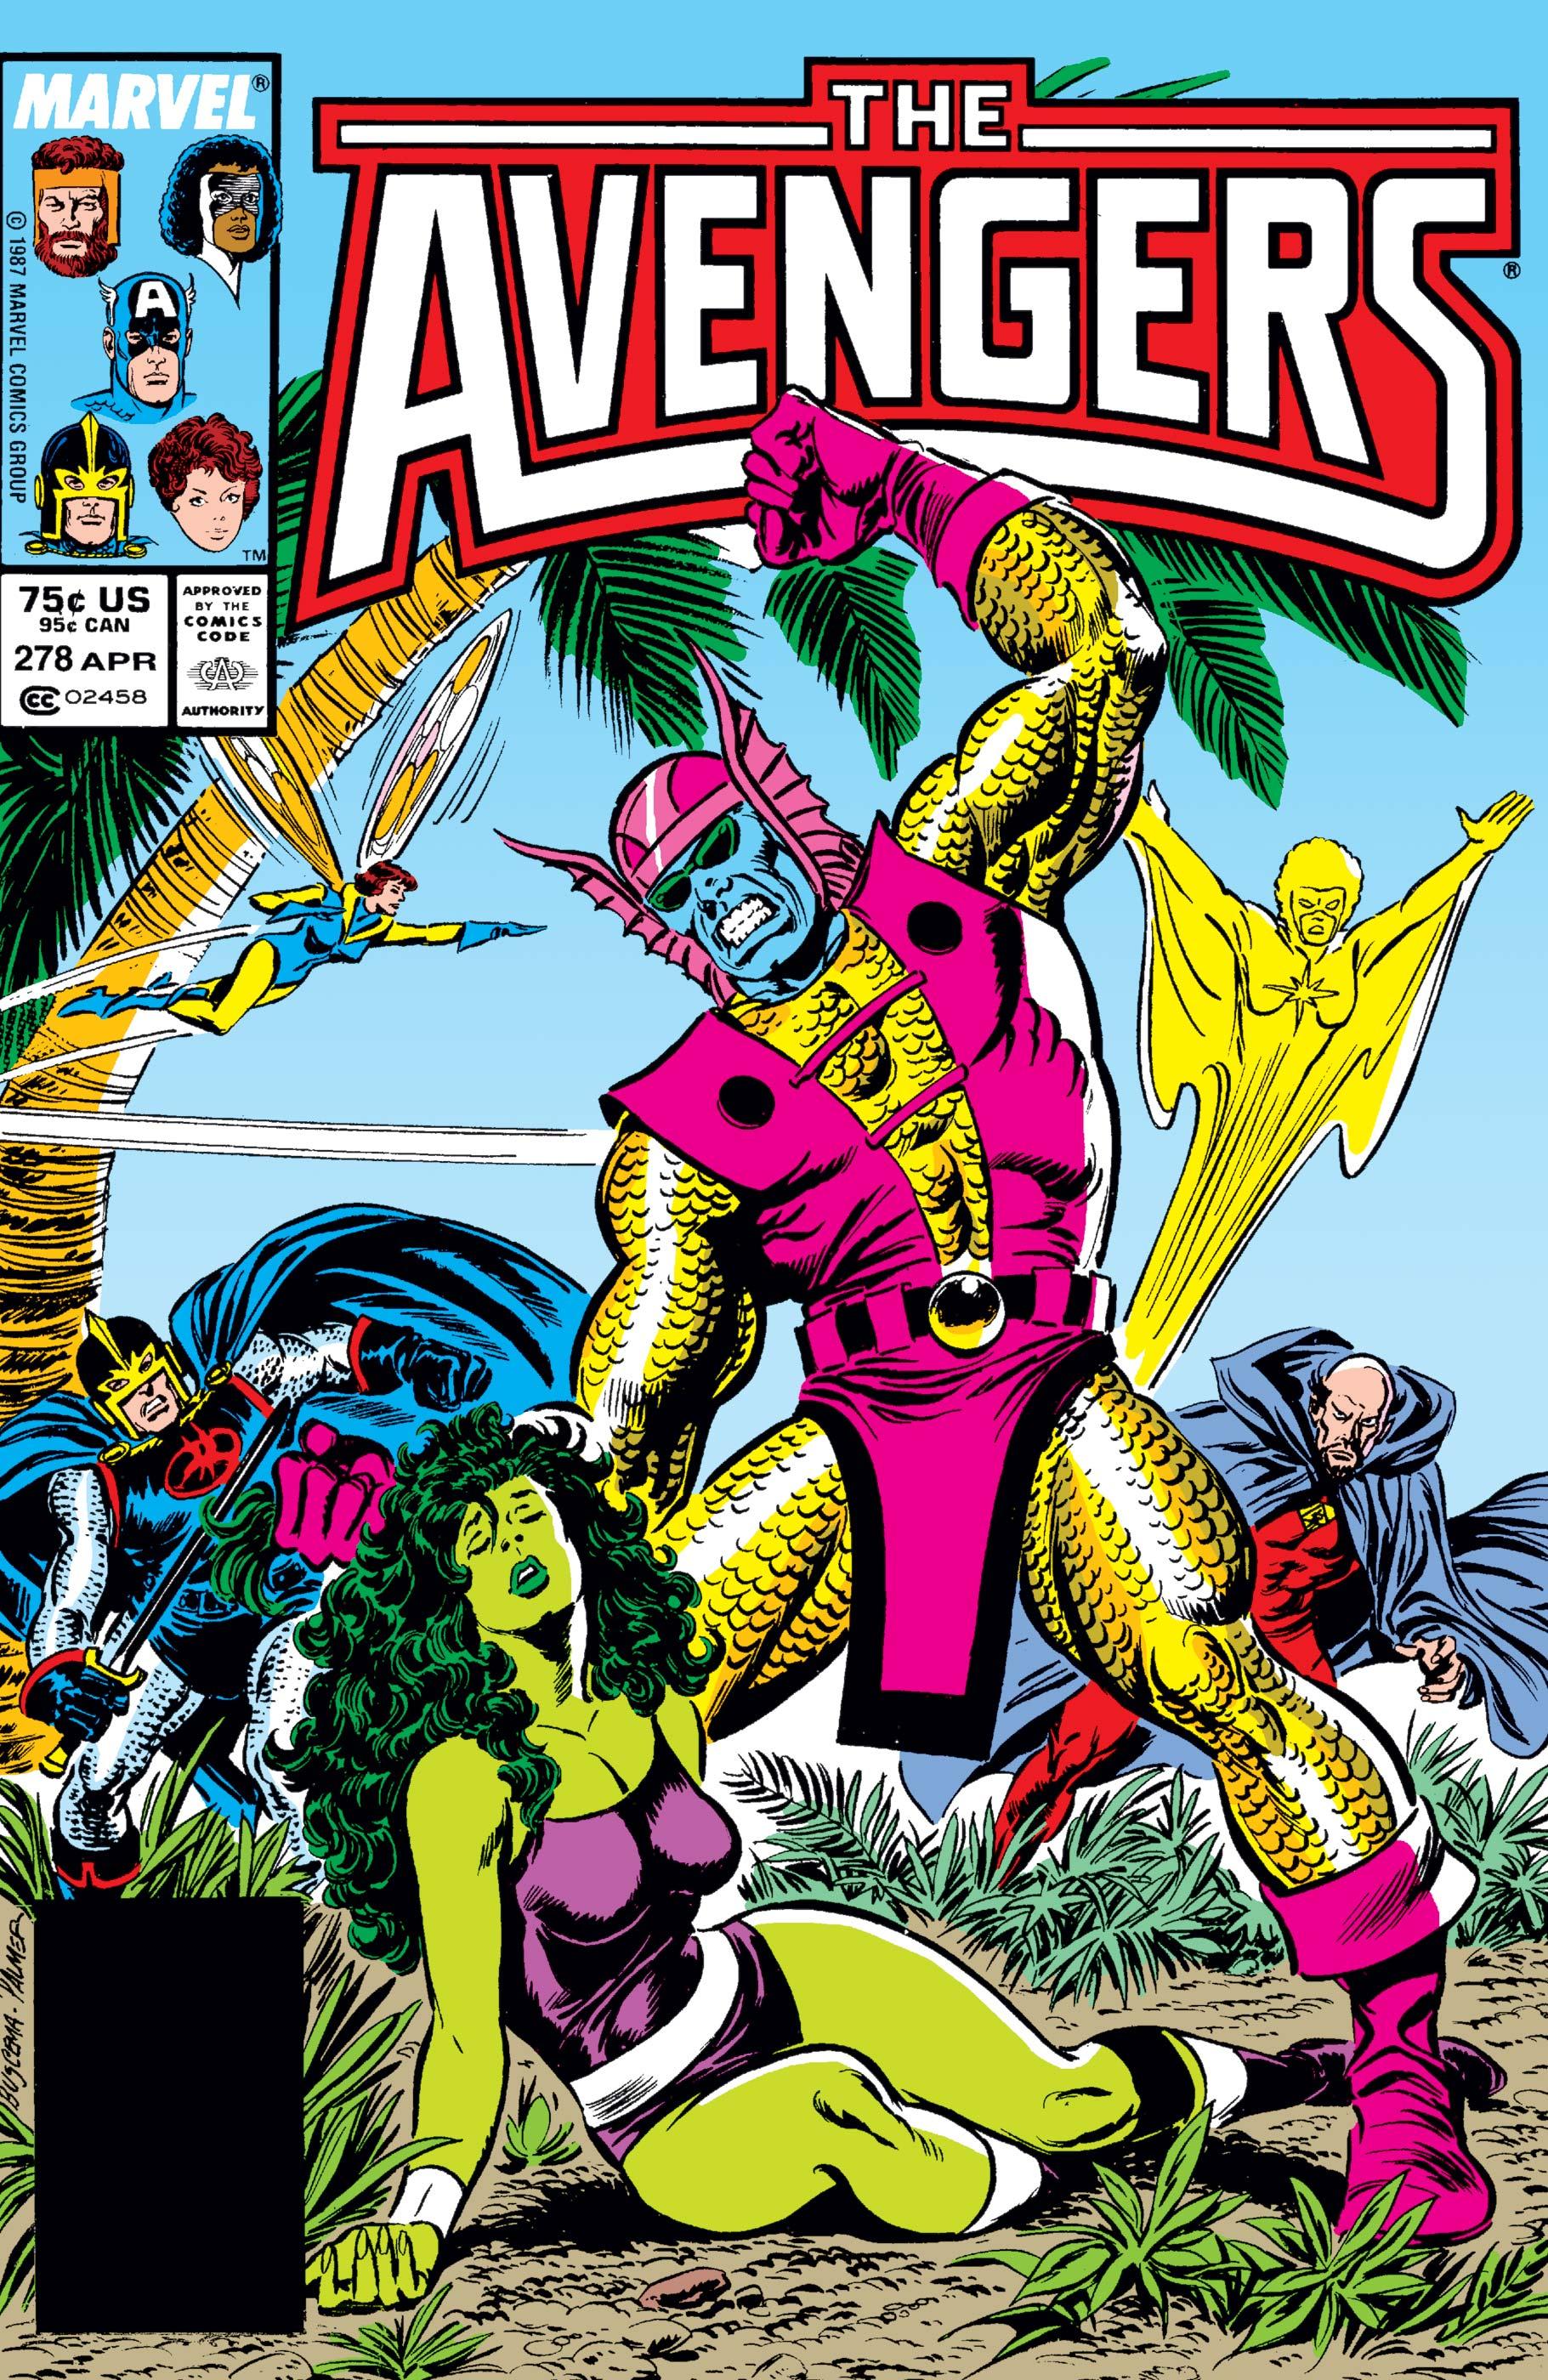 Avengers (1963) #278